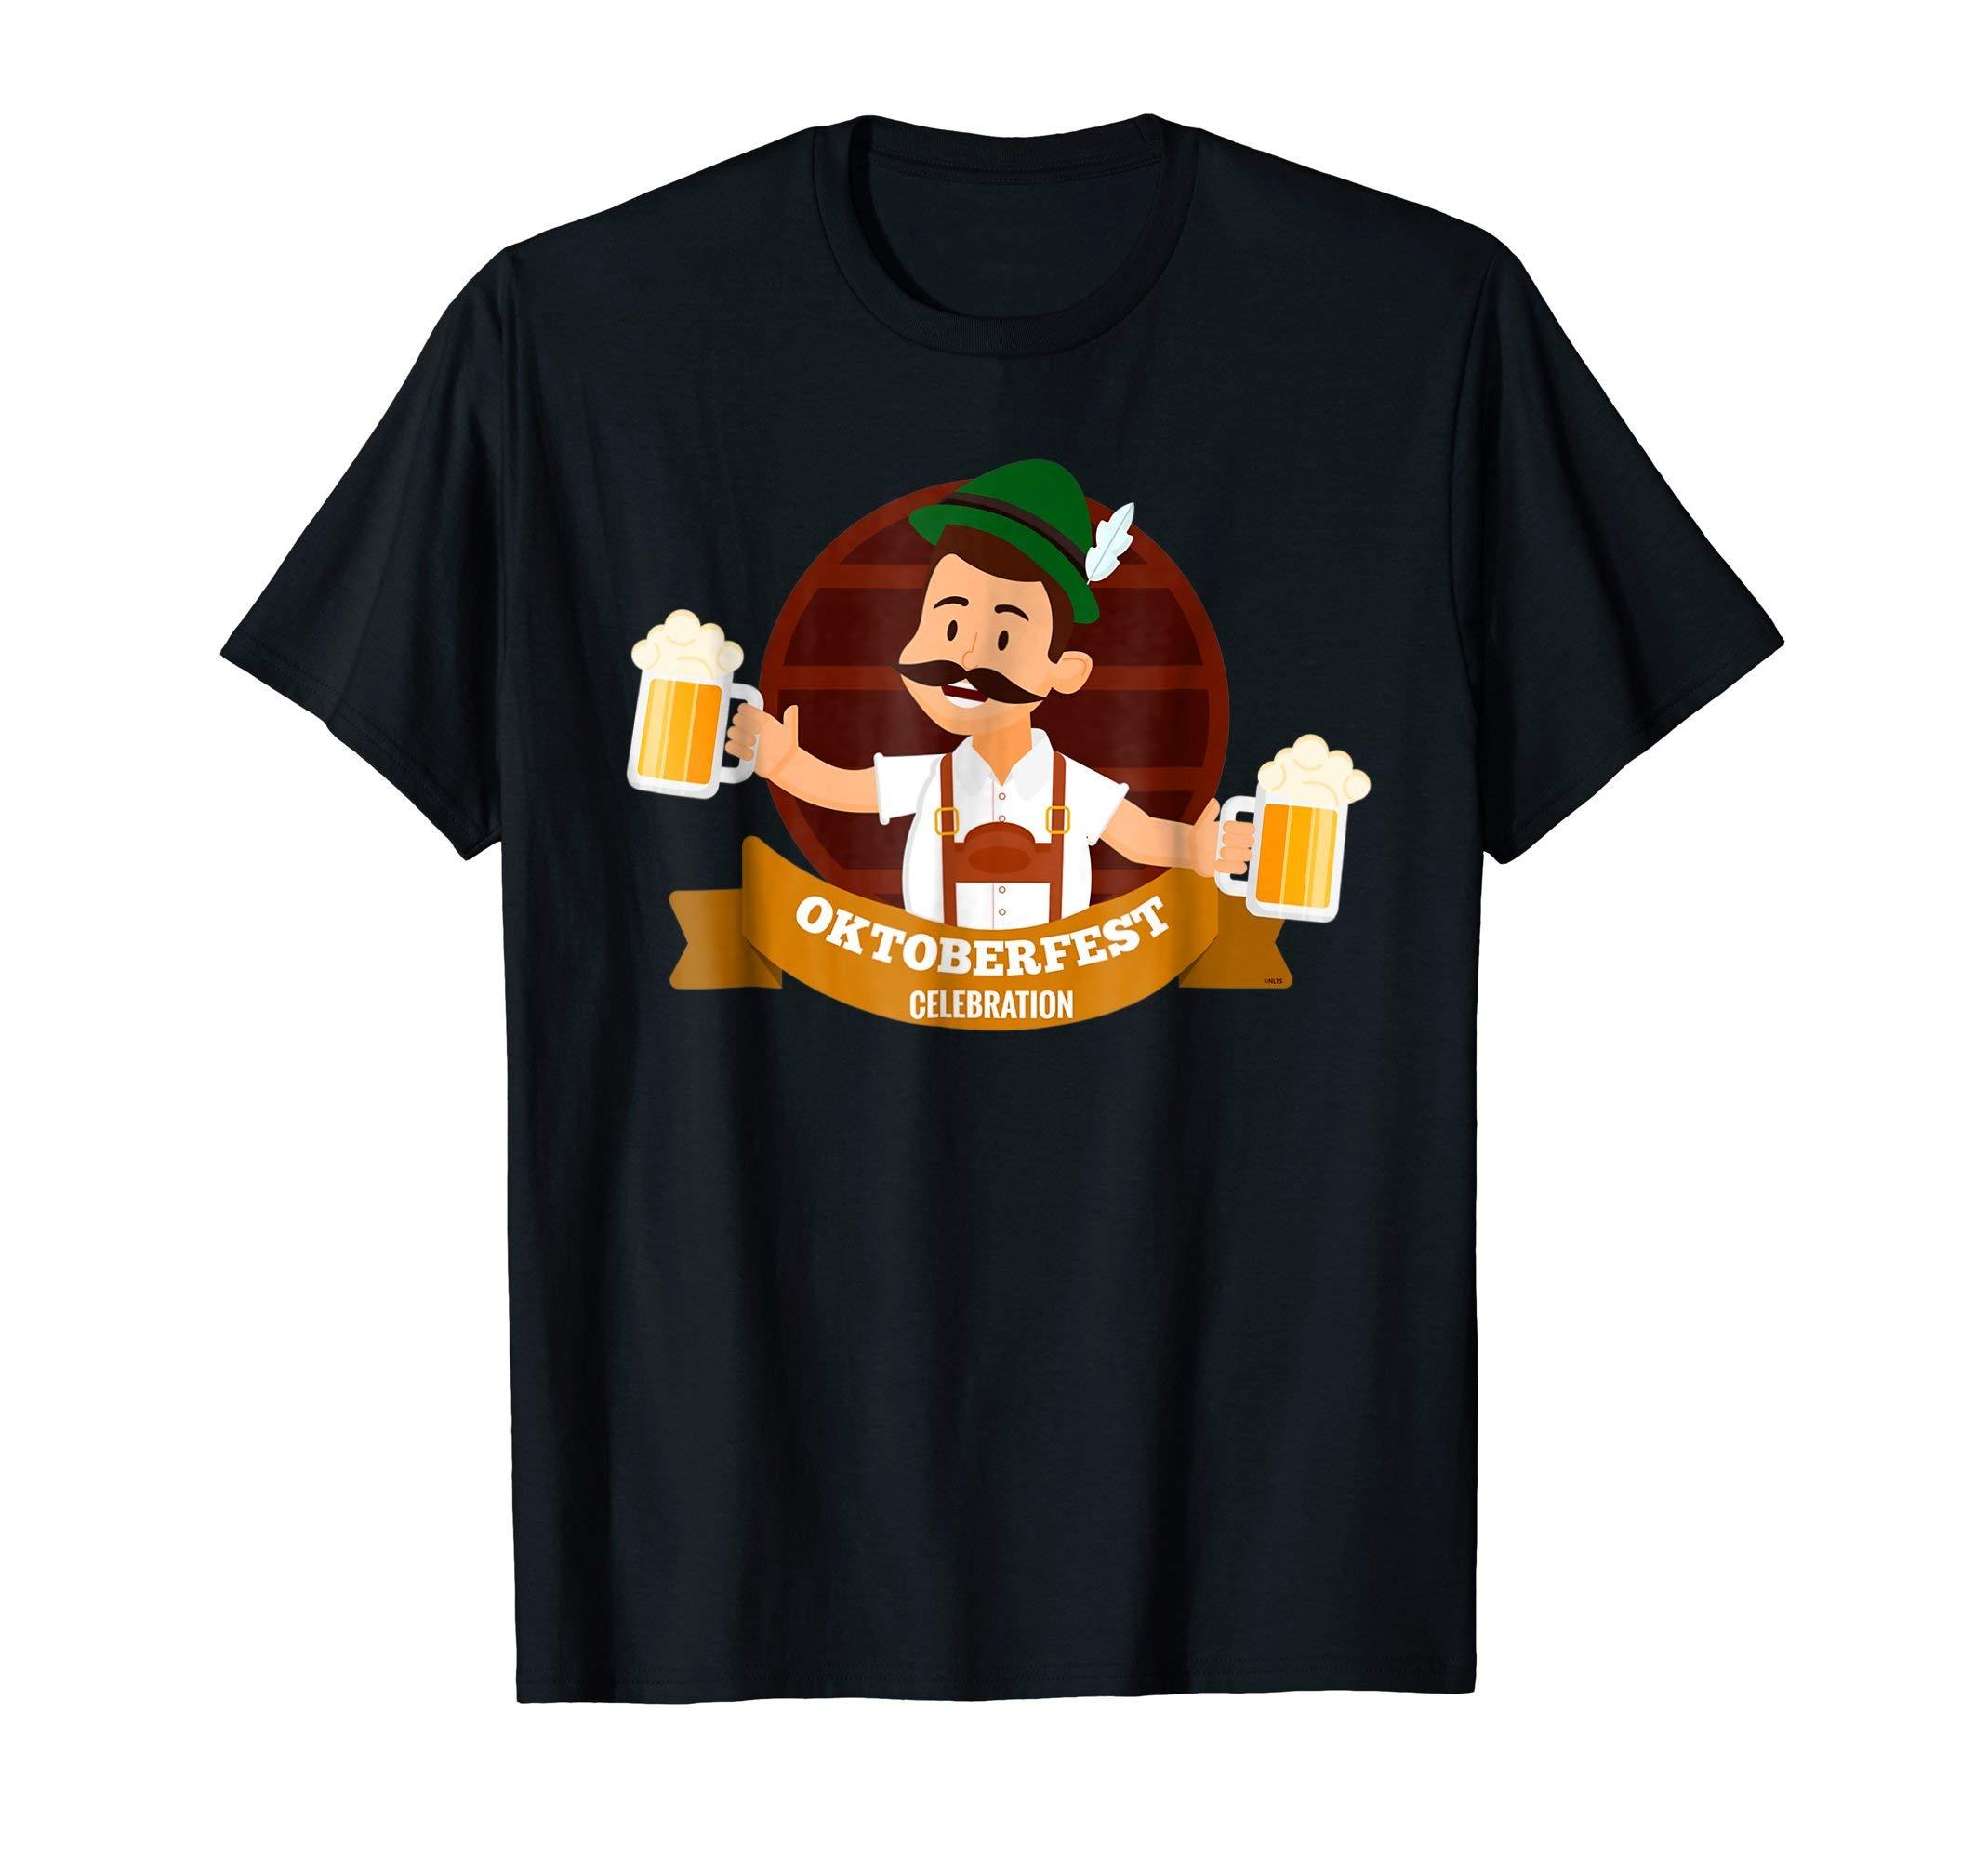 Oktoberfest-Celebration-Shirt-Beer-Gift-T-Shirt-Tee